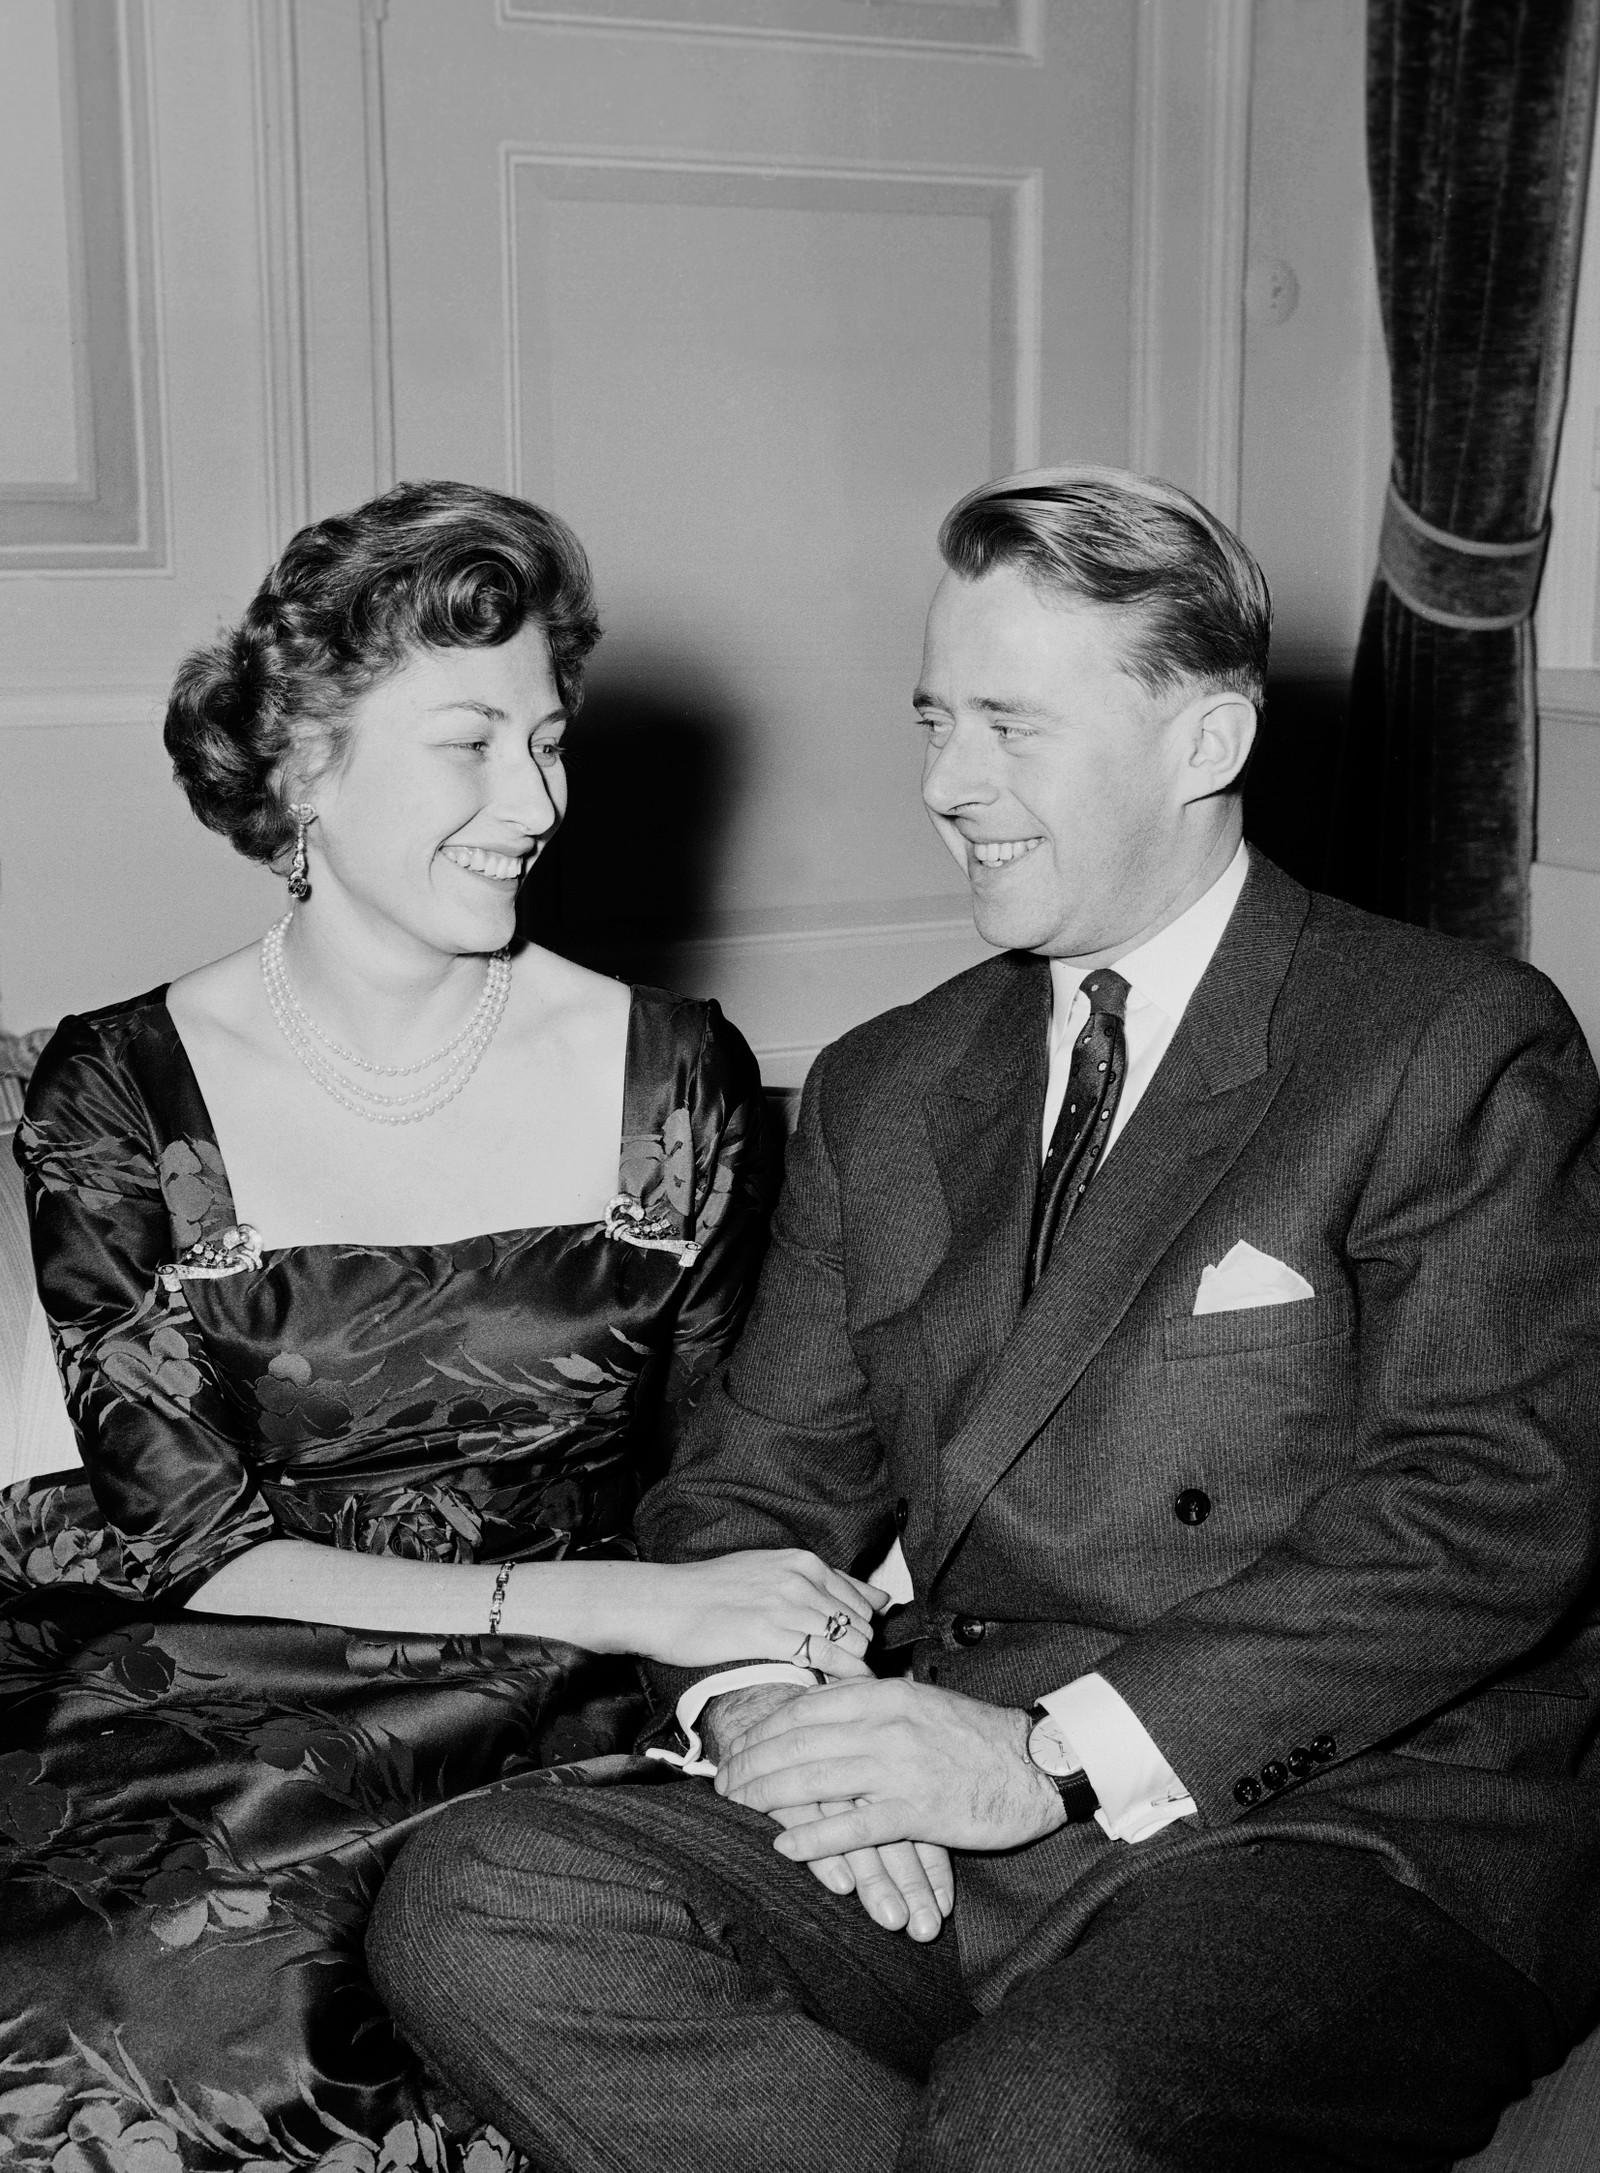 KJÆRLEIKEN: Det tok mange år før prinsesse Astrid fekk lov til å gifte seg med sin store kjærleik, Johan Martin Ferner. Han var skilt og vurdert som eit dårleg parti for ei kongsdotter. Men i 1960 forlova dei seg. Paret fekk fem barn.